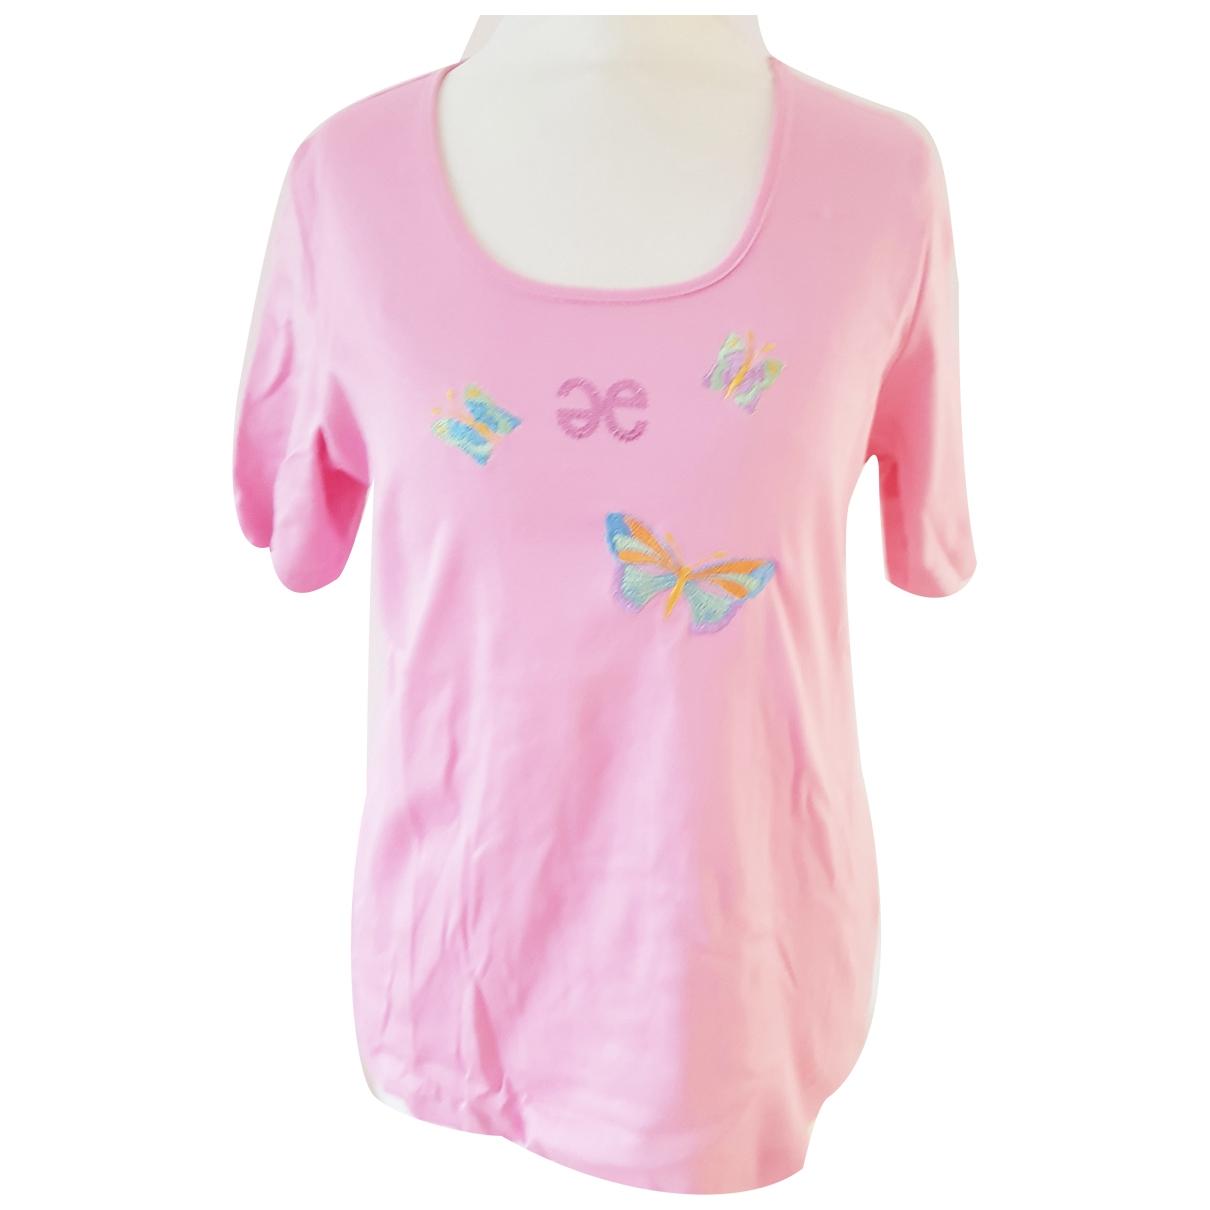 Elegance Paris - Top   pour femme en coton - rose